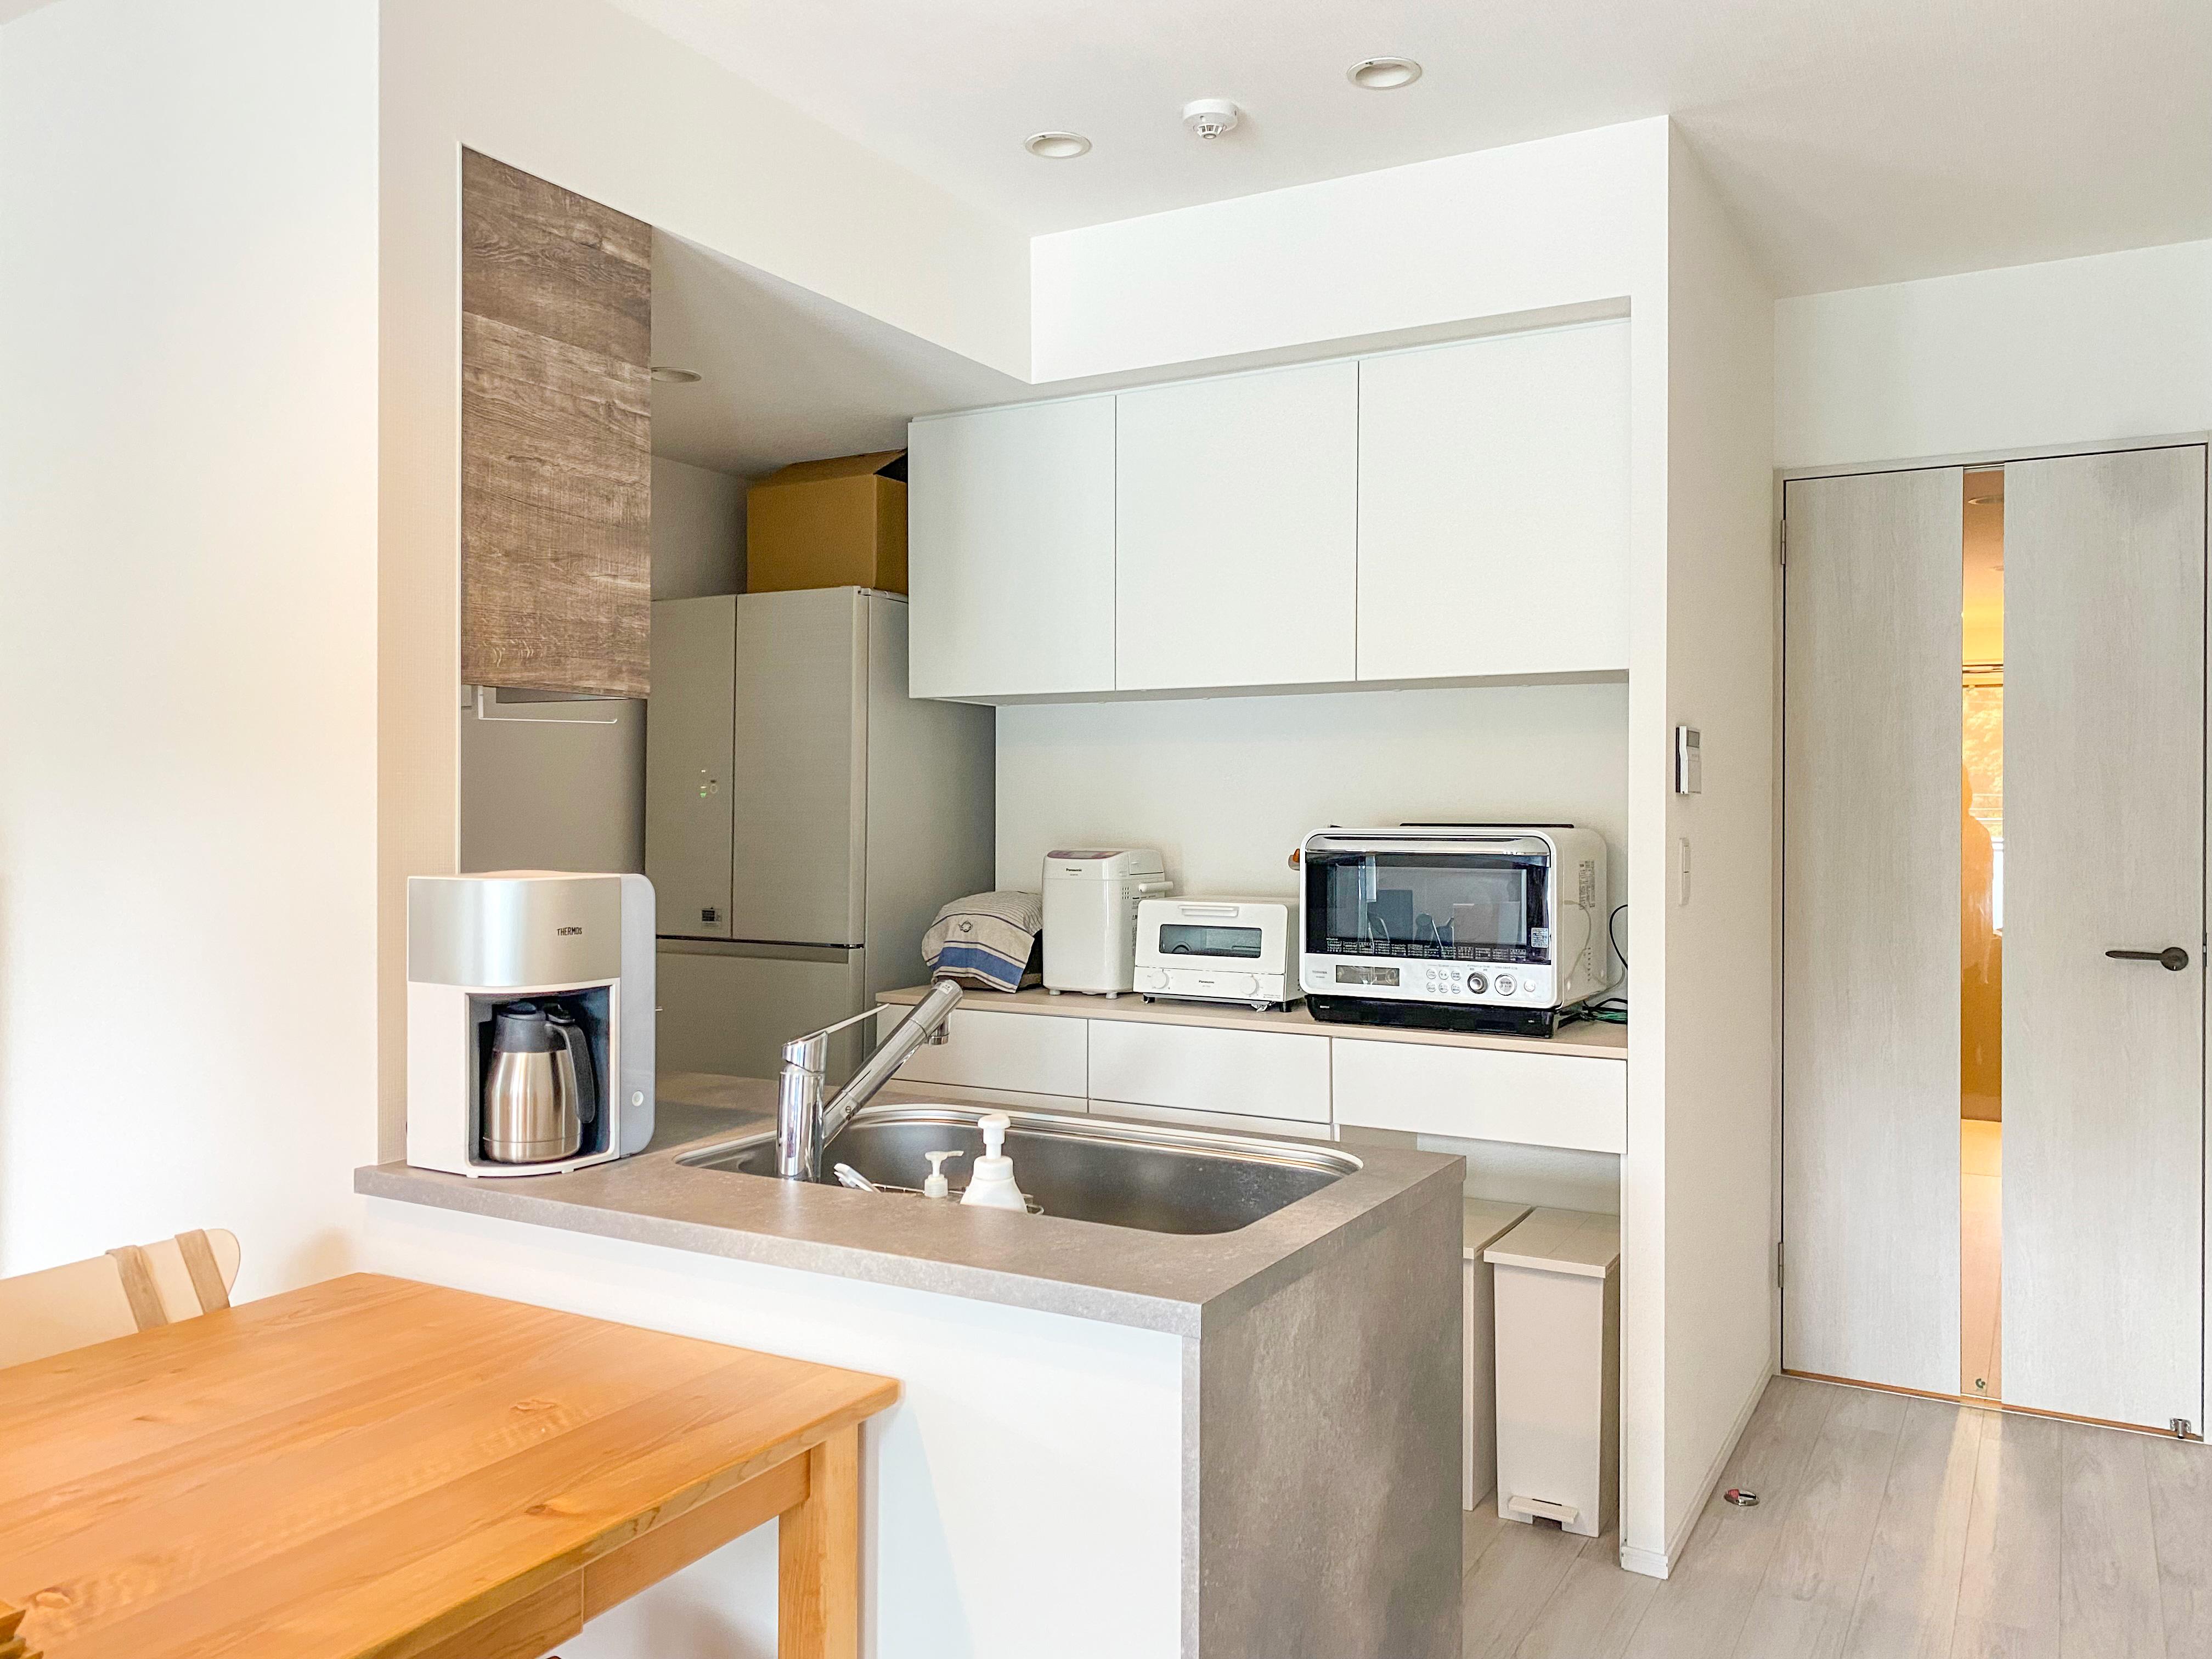 シンプルでモダンなキッチン収納 イメージ